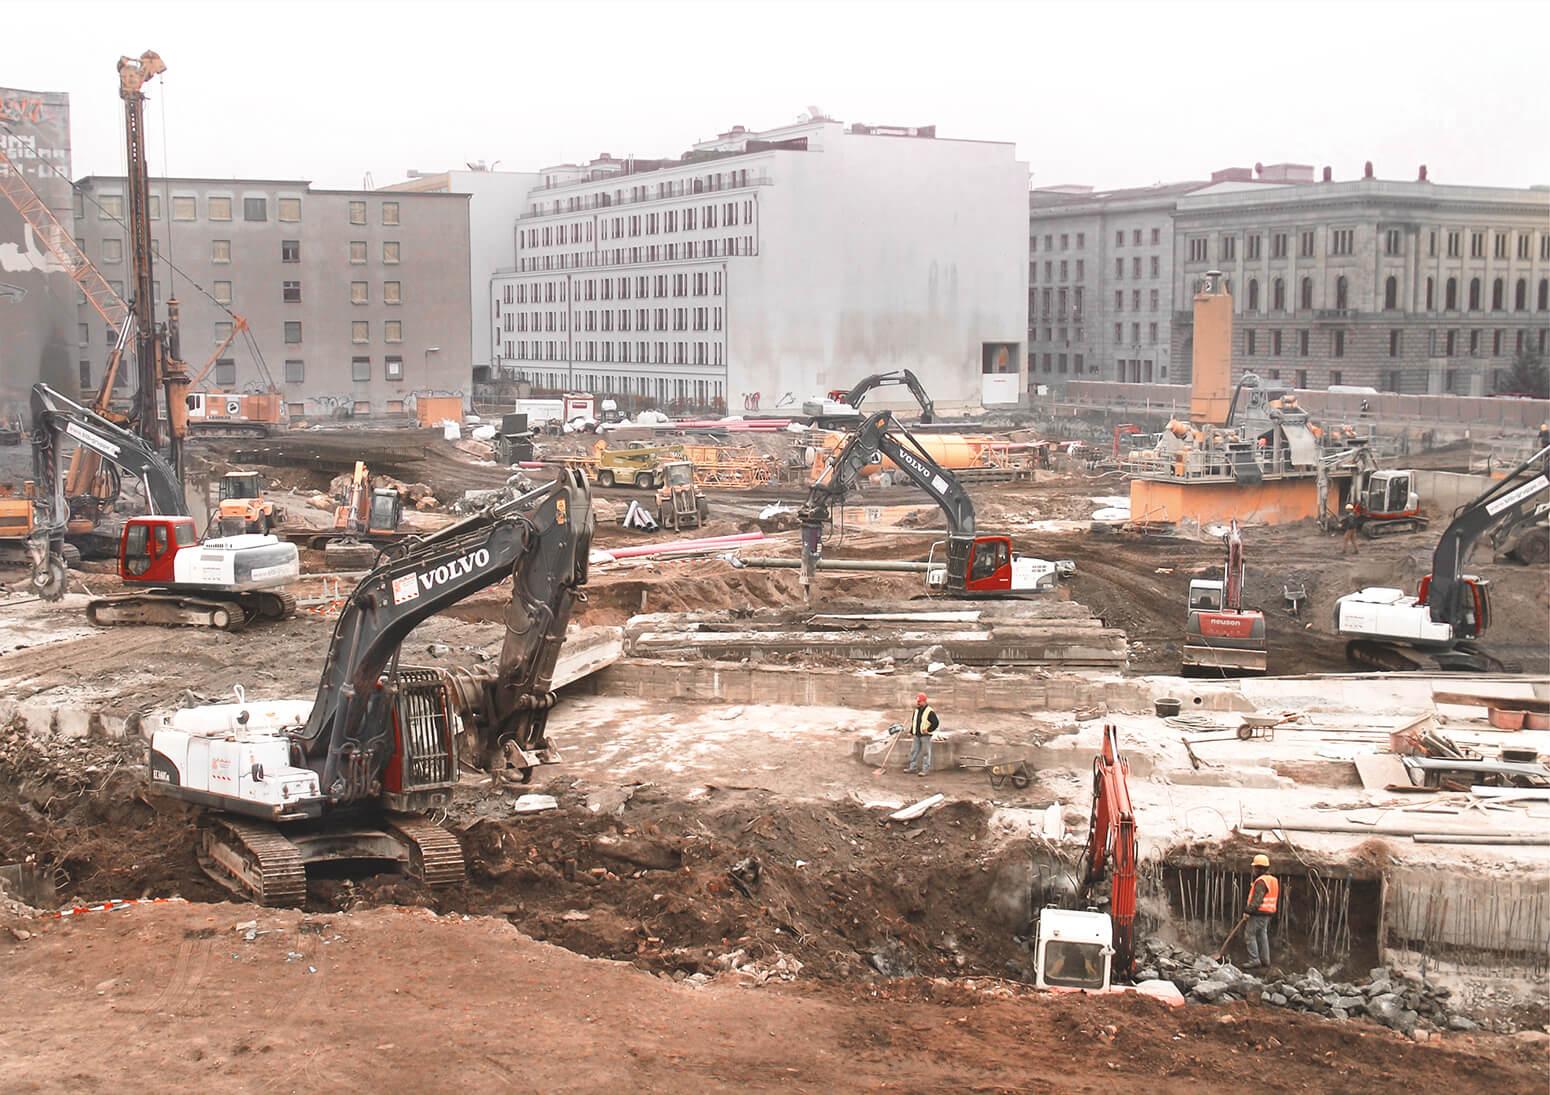 meherere schwere Baugeräte mit Sägen, Hämmern und Schaufeln tragen Betondecken der U-Bahn für den Bau der Mall of Berlin ab